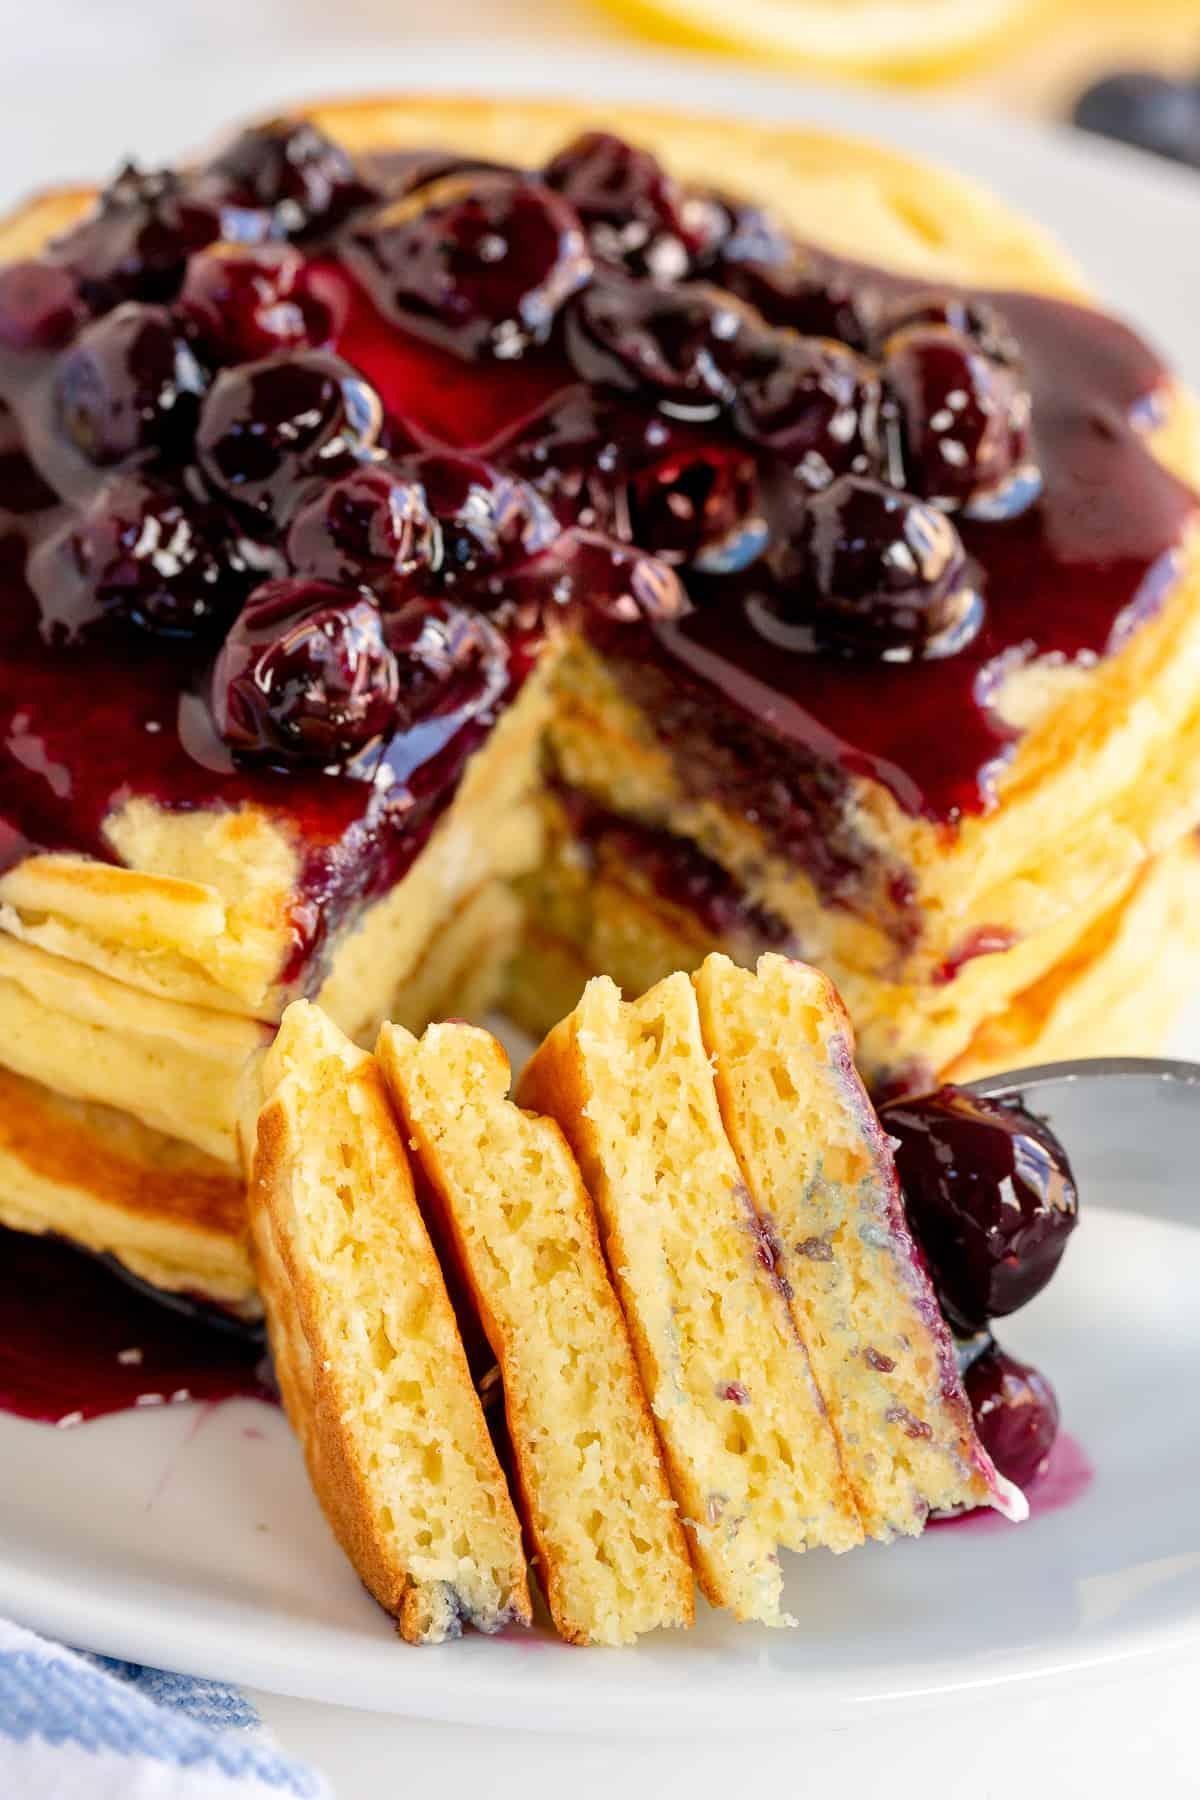 A close up of fork full of Lemon Ricotta Pancakes.